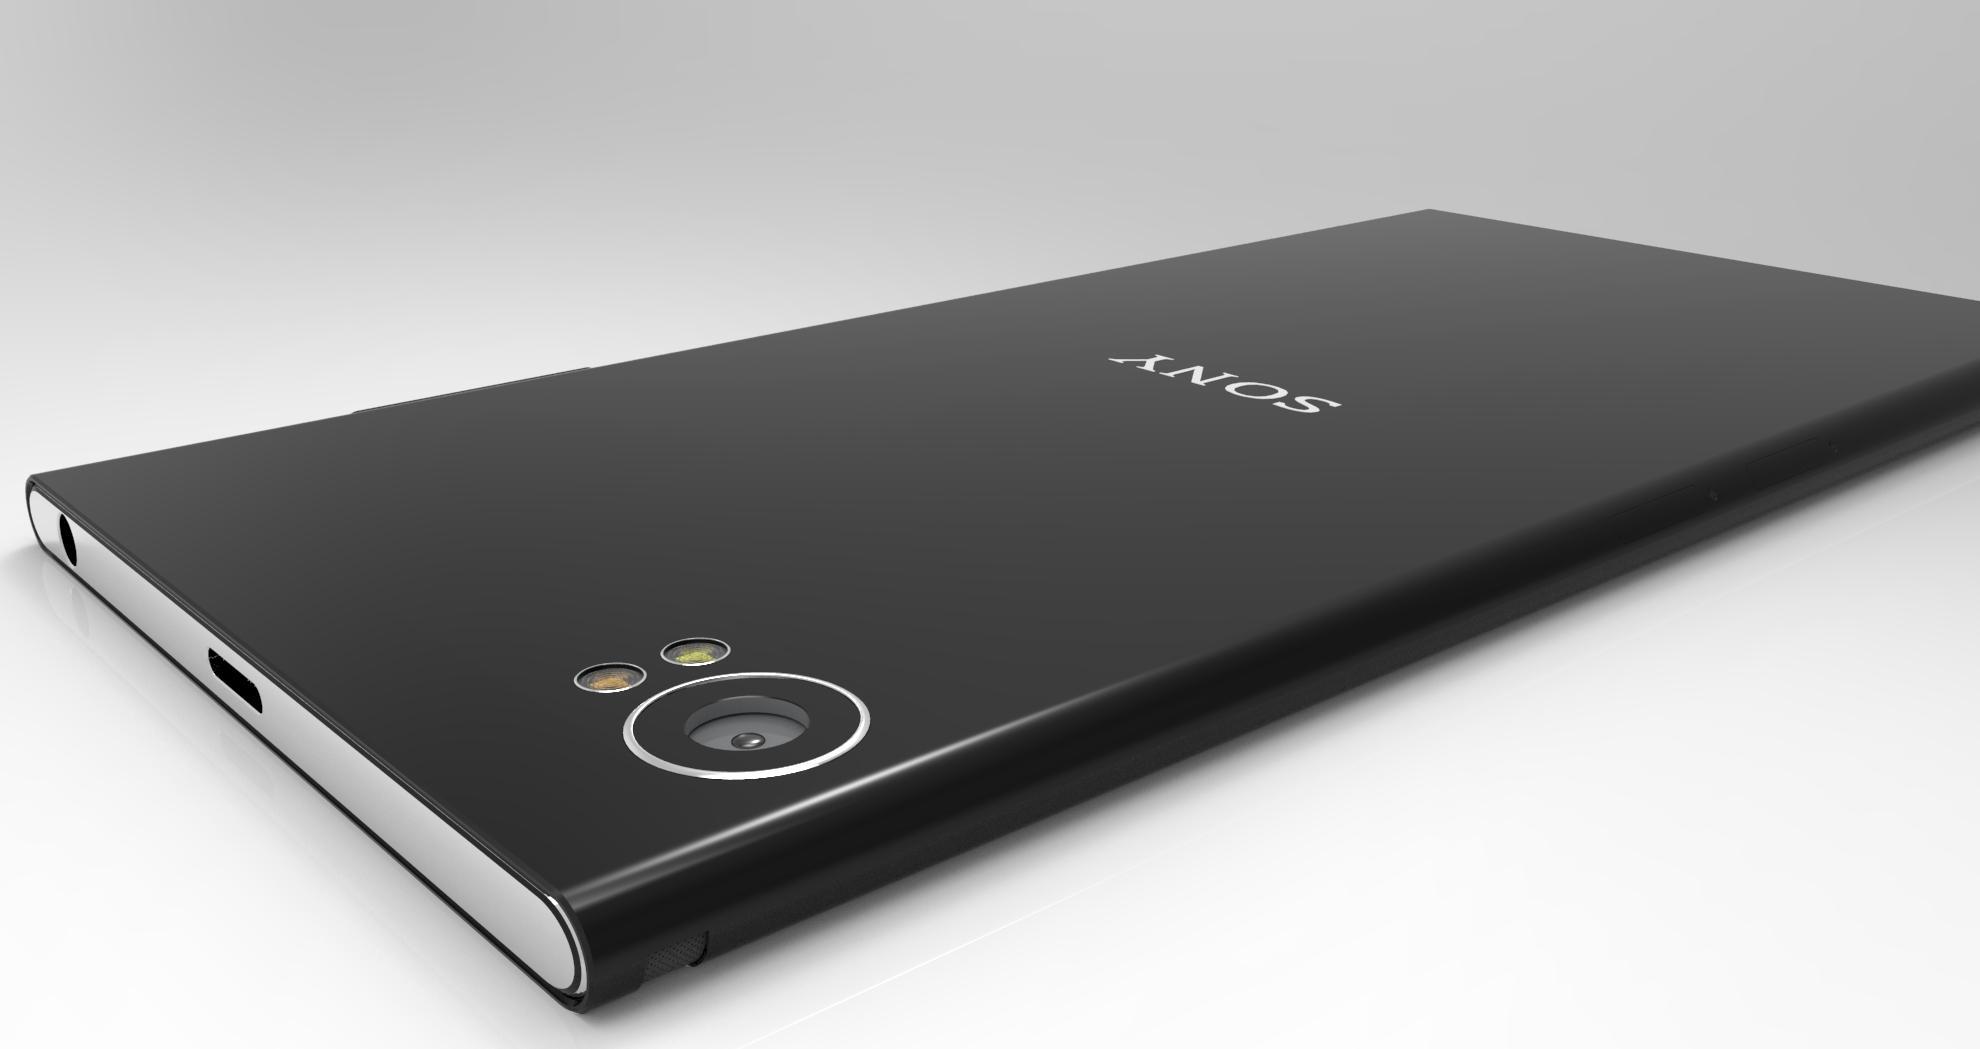 Sony Xperia Z4 получил 8-ядерный процессор и 5,2-дюймовый экран